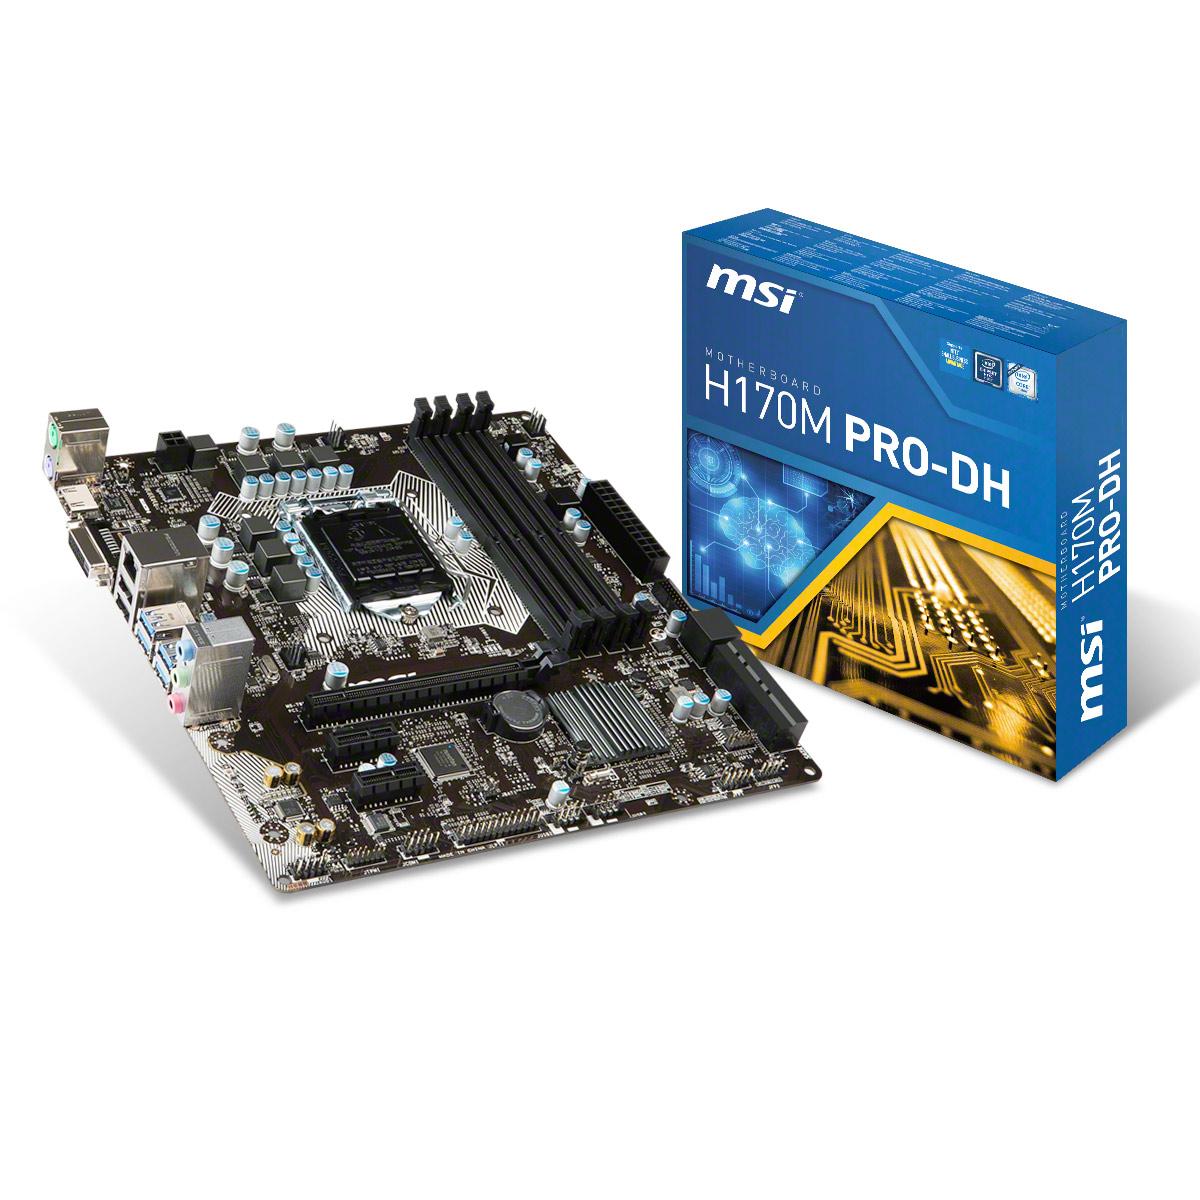 MSI H170M PRO-DH - Carte mère MSI sur LDLC.com